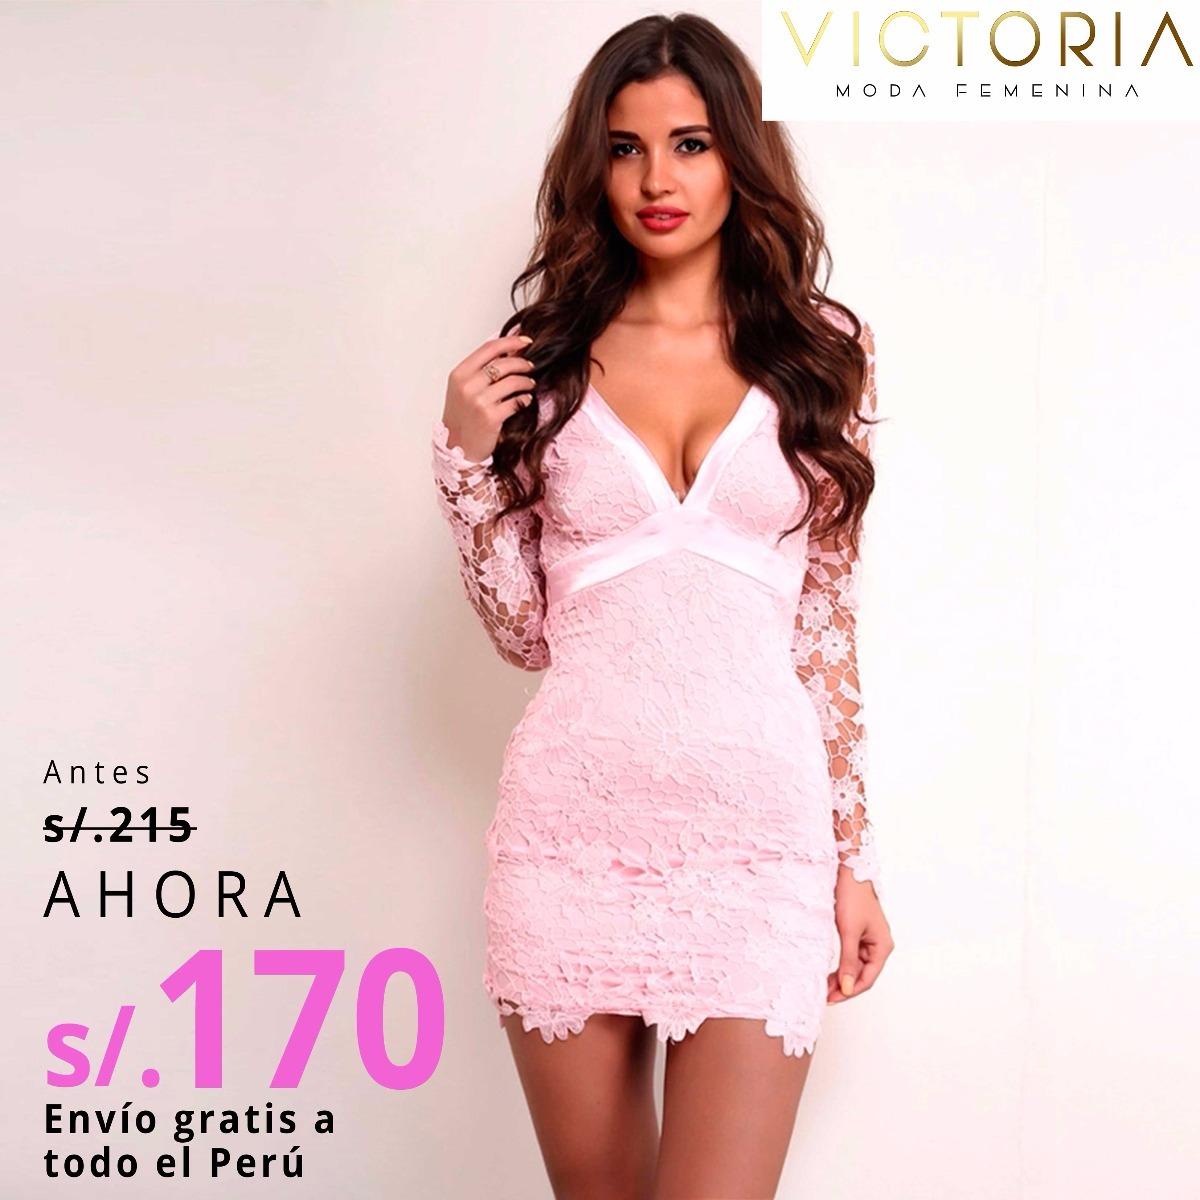 Atractivo Tiendas De Vestido De Fiesta Victoria Motivo - Colección ...